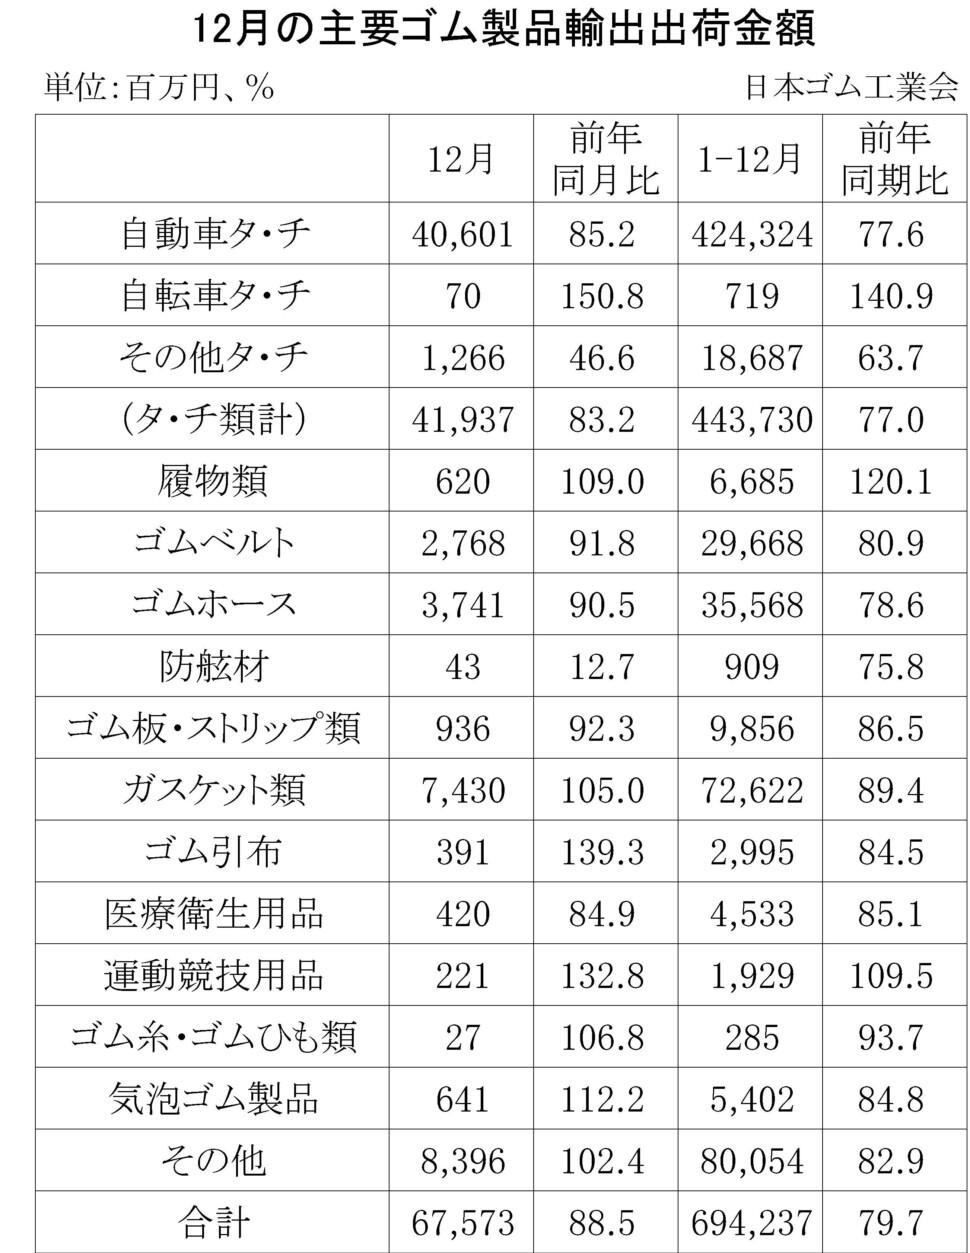 08-月別-ゴム製品輸出・00-期間統計-輸入-縦22横3_30行・00-輸出-縦20横3_27行